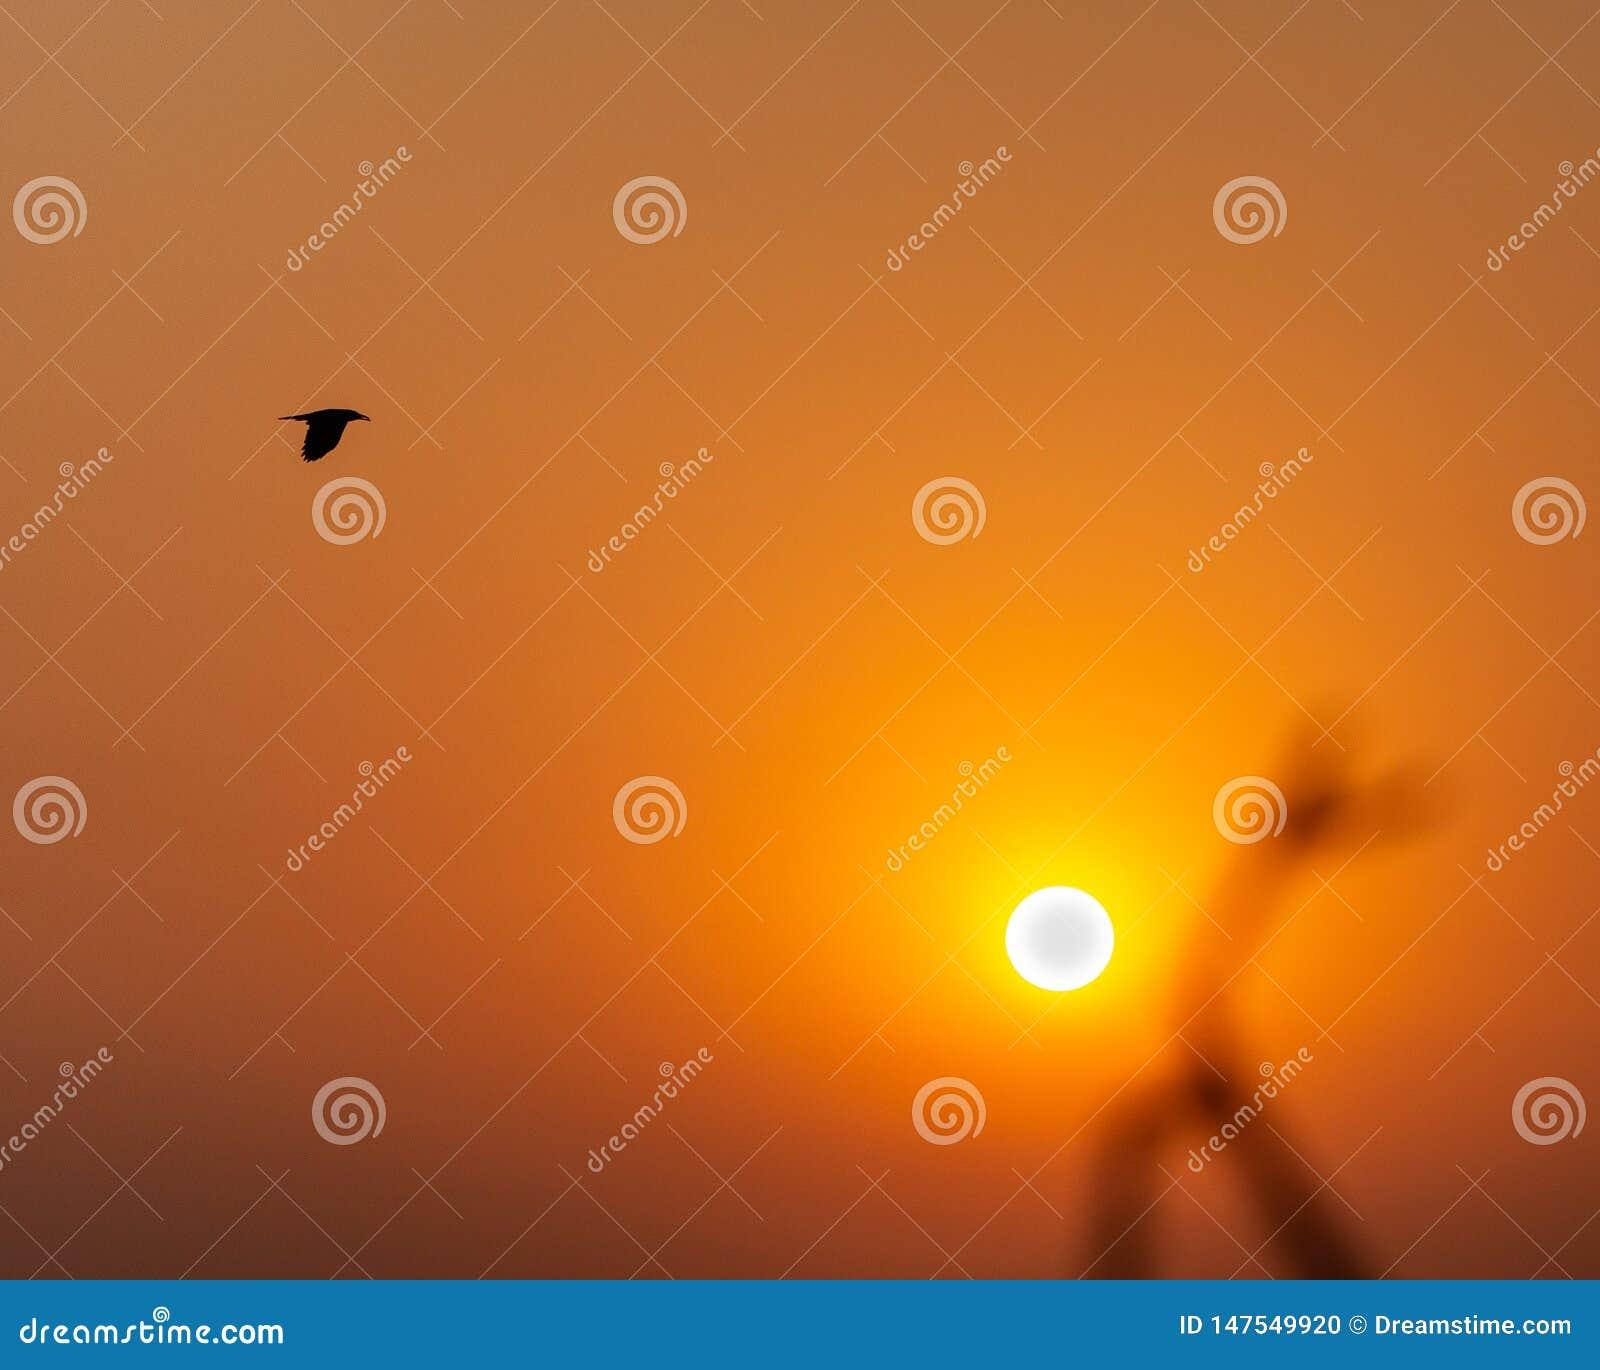 Voo do pássaro através do céu durante o nascer do sol